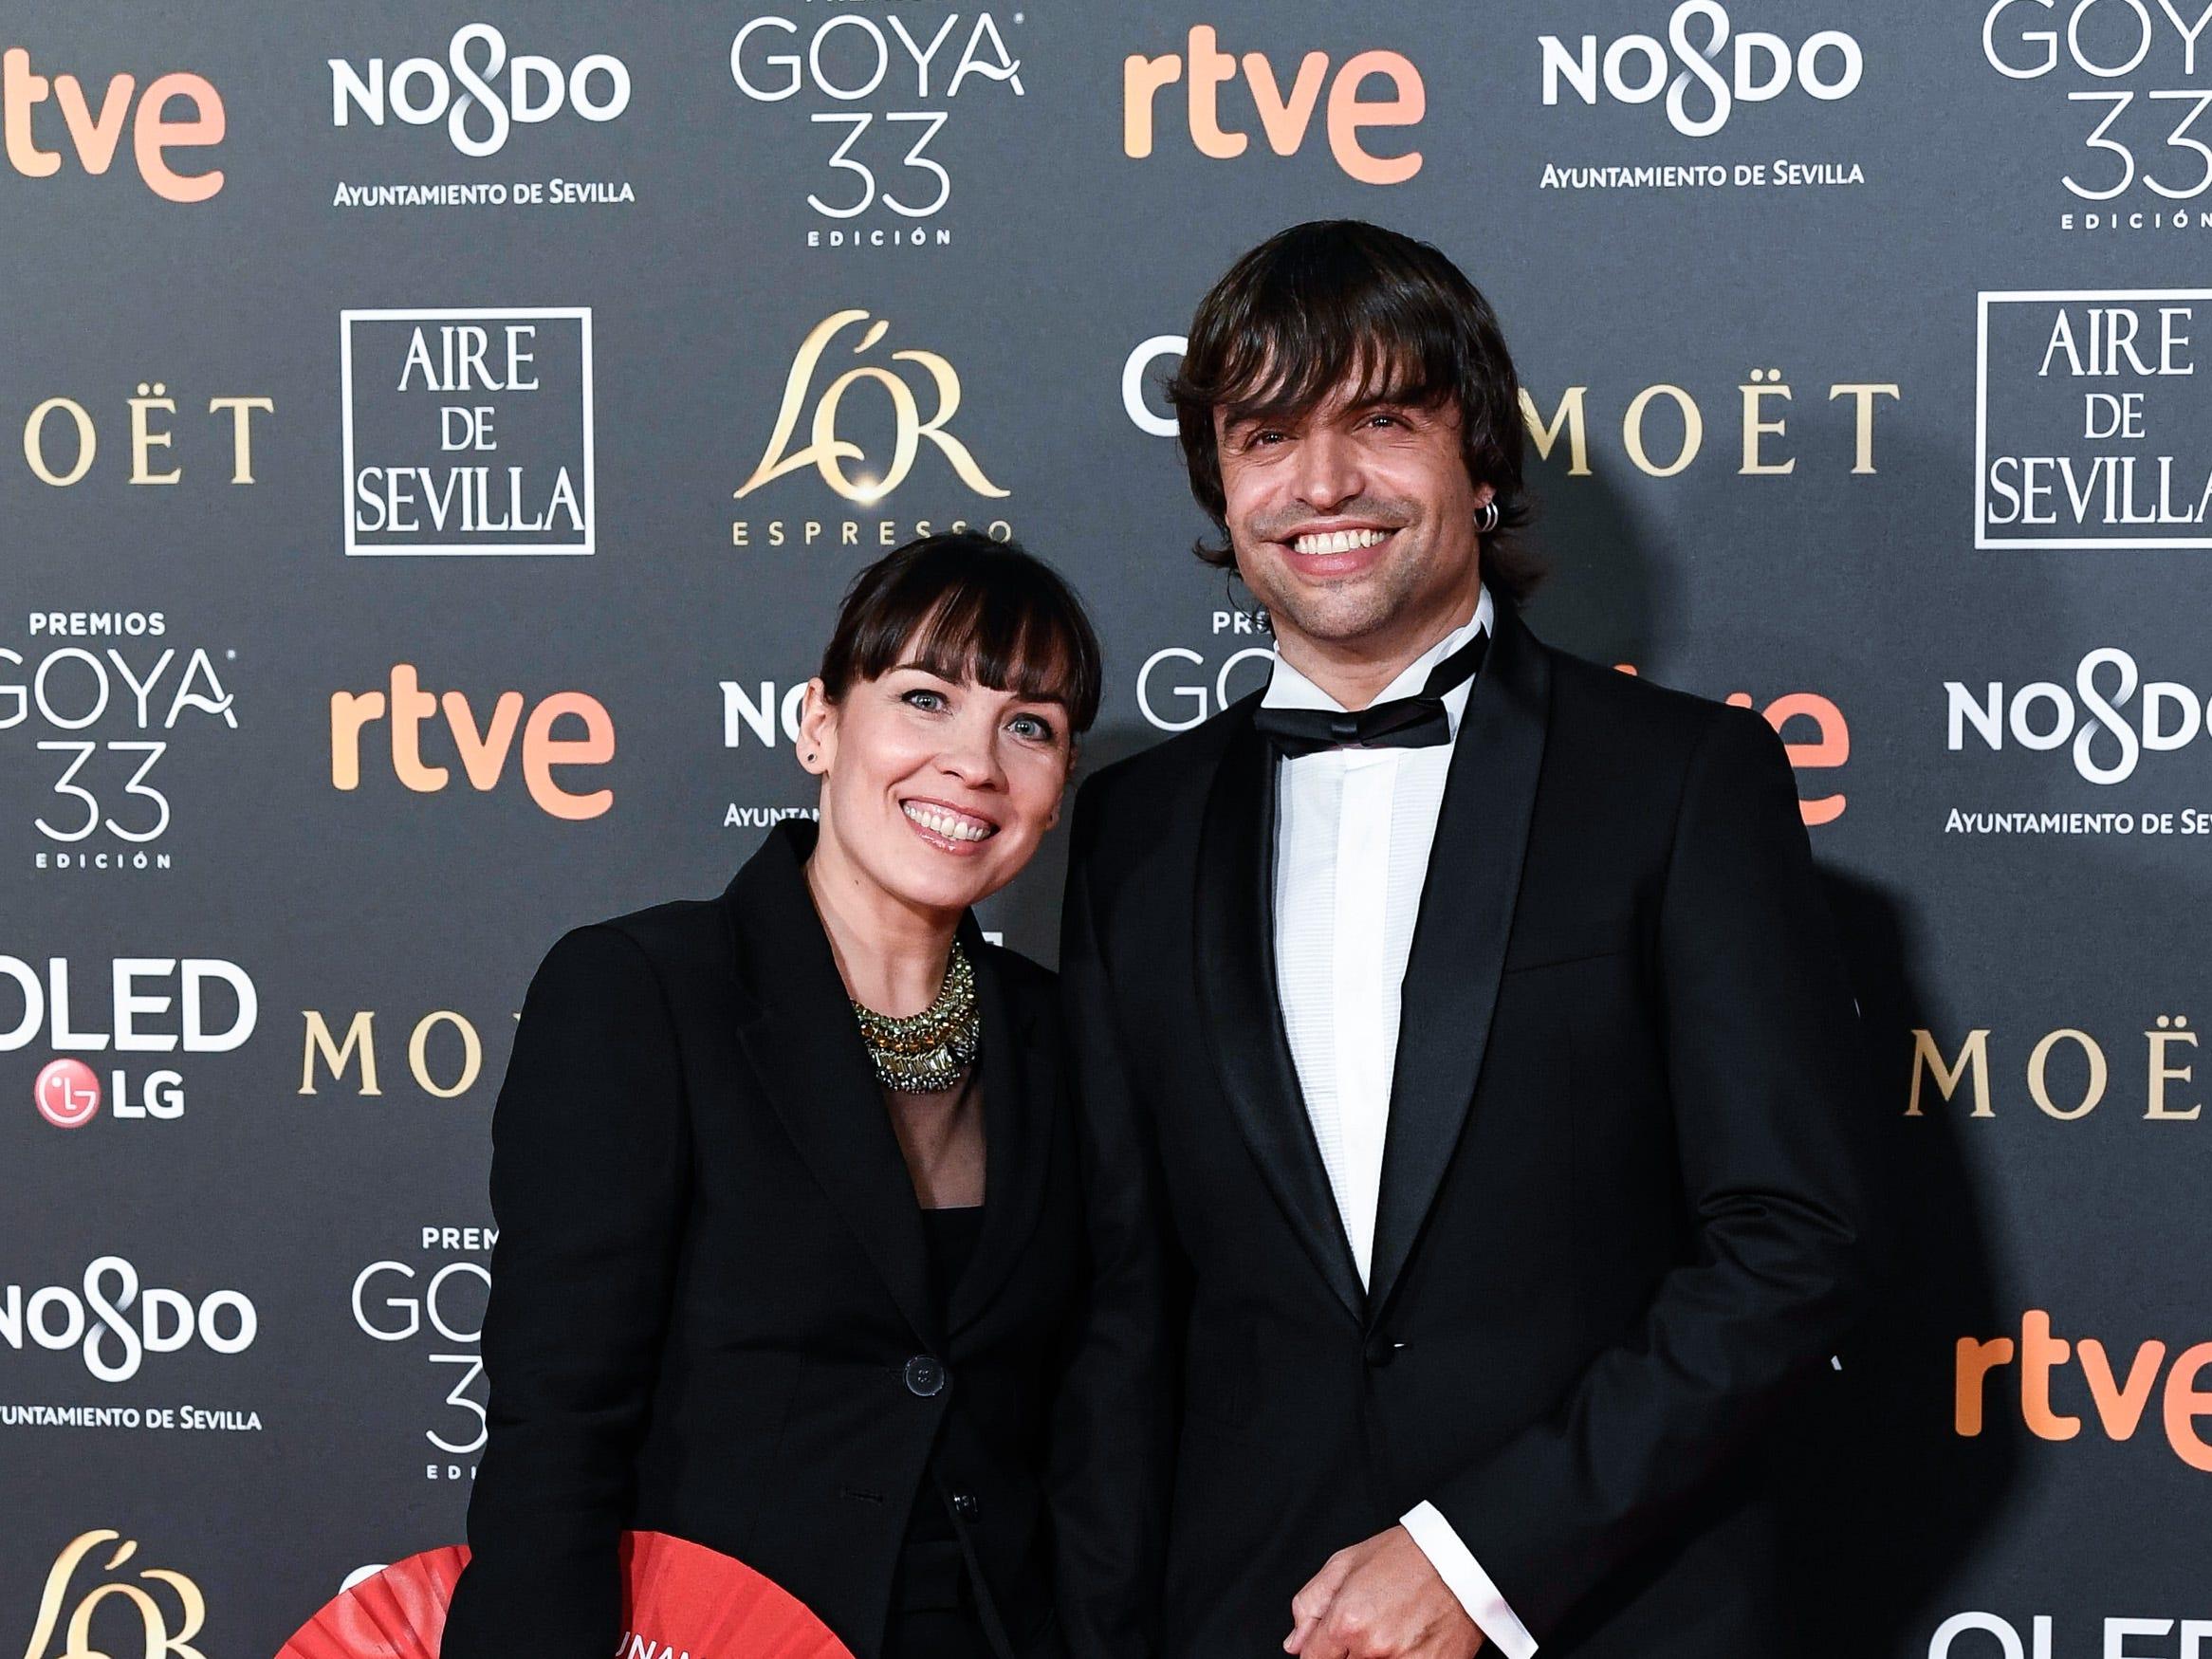 Manu Guix asiste a la 33ª edición de los Premios de Cine Goya en el Palacio de Congresos y Exposiciones FIBES el 2 de febrero de 2019 en Sevilla, España.